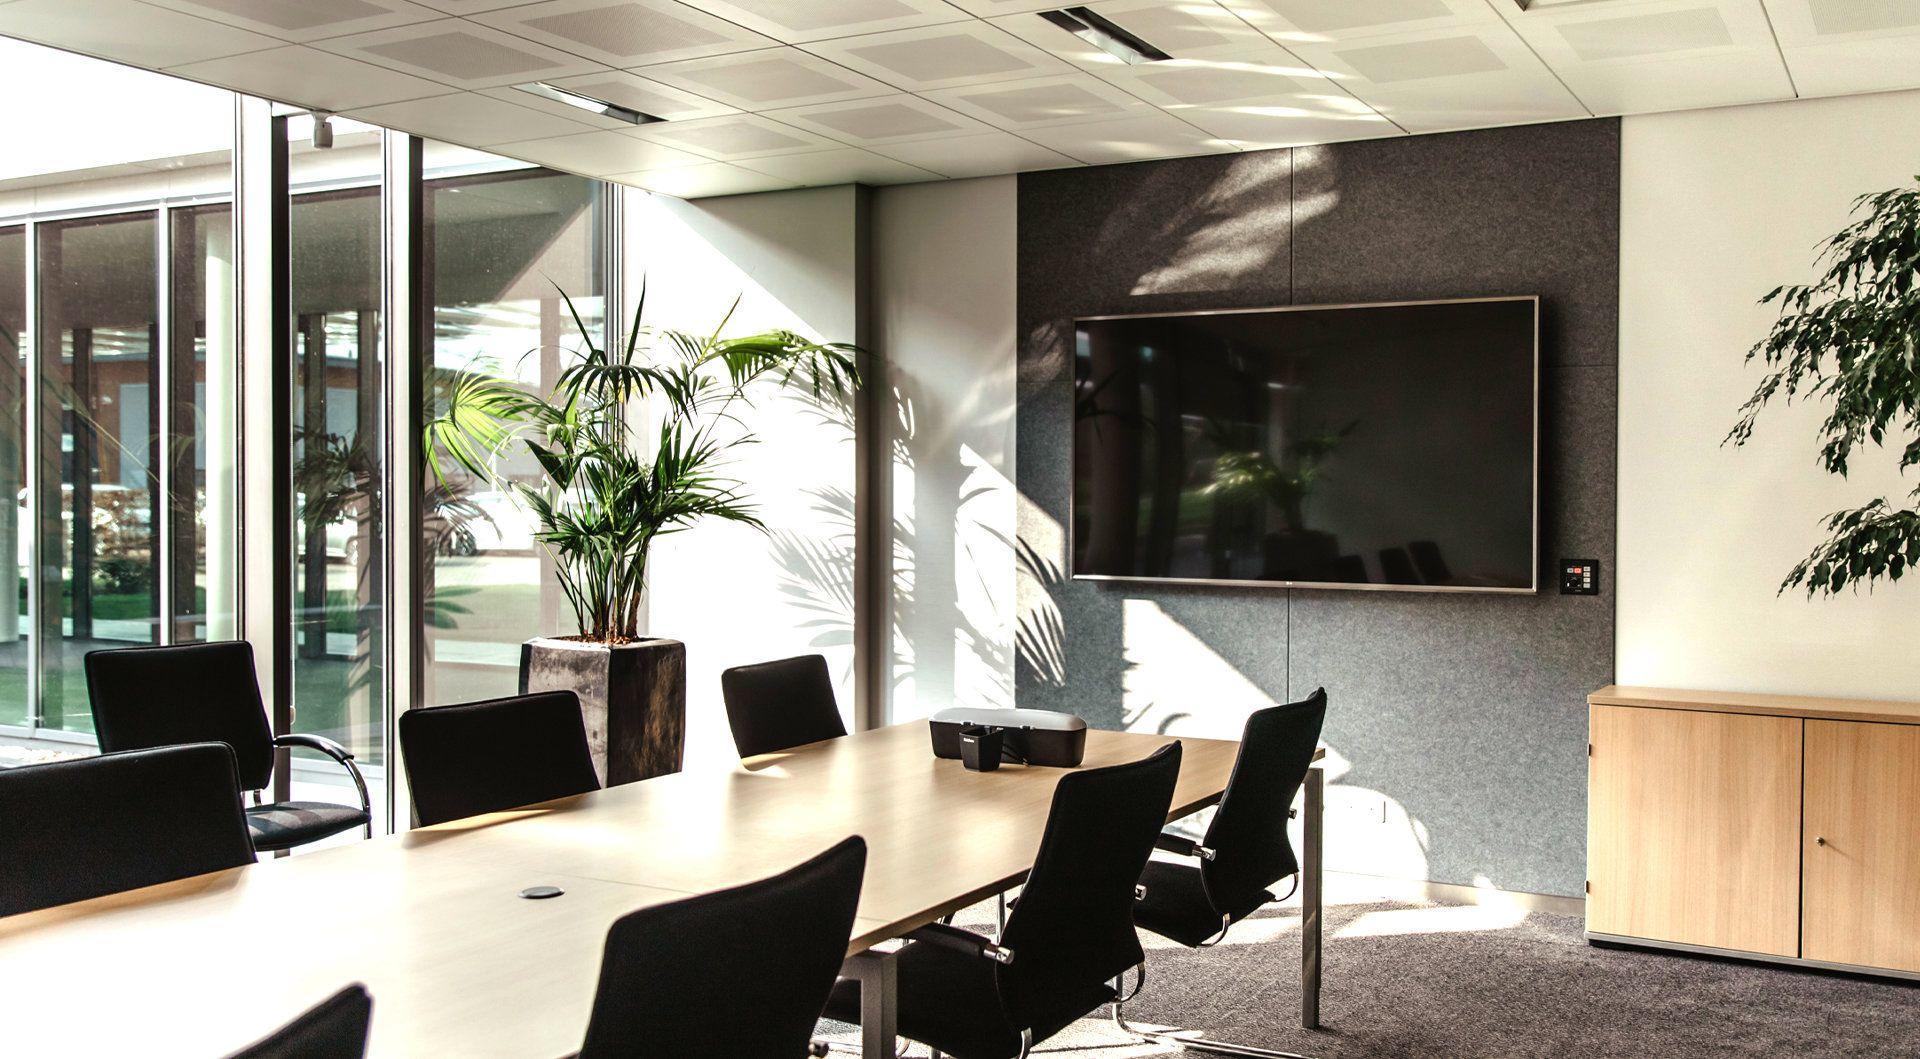 """Projecta Picture King 135x178 cm Matte White S 4:3 projectiescherm 2,12 m (83.5"""") - Case studie de vries"""